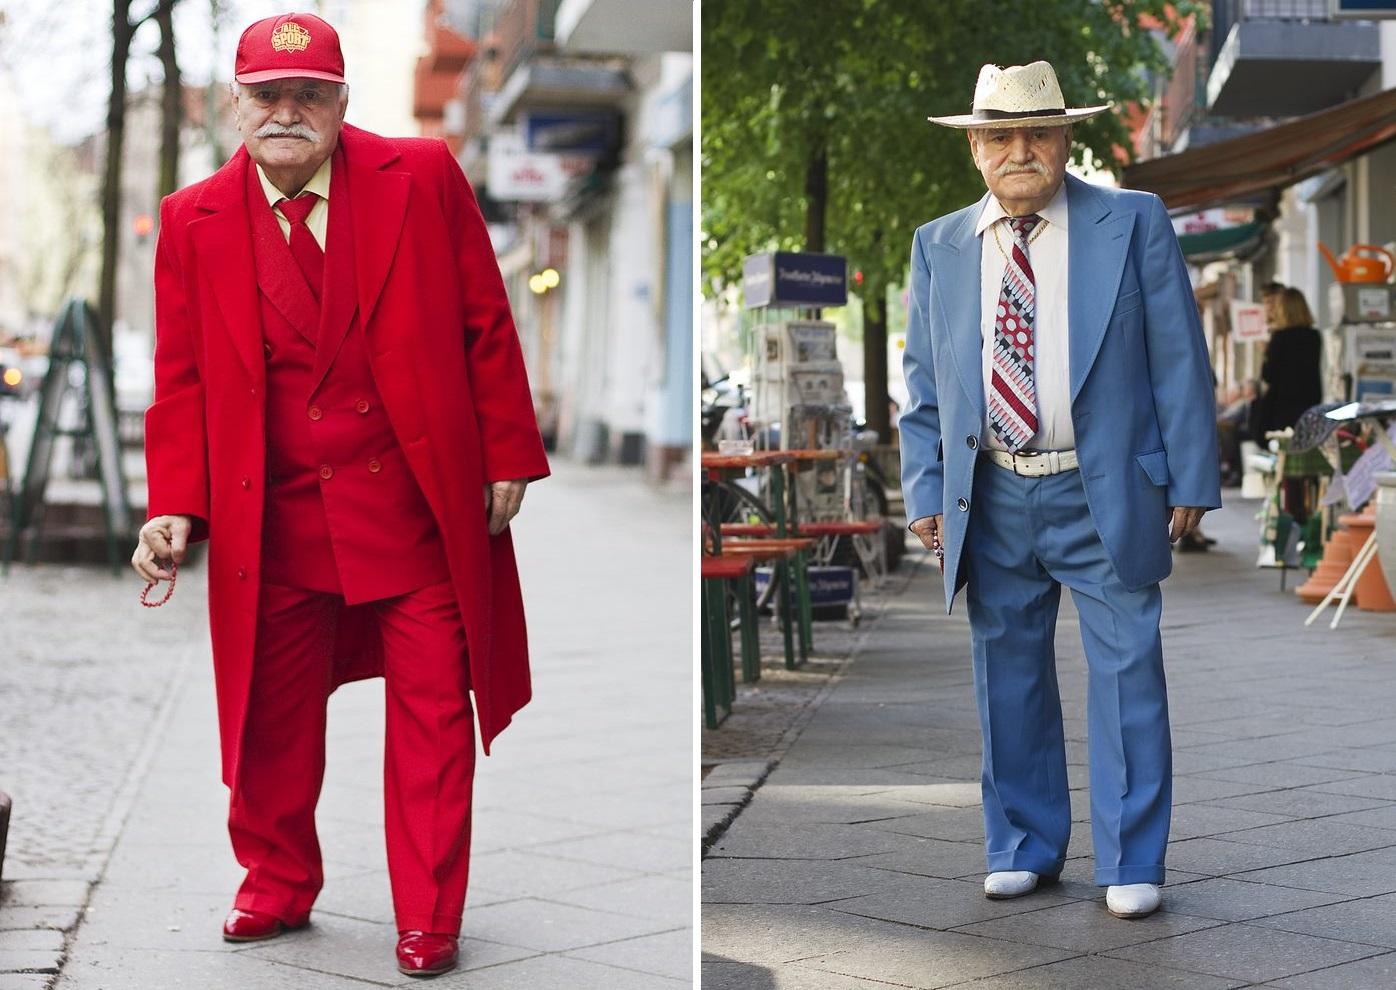 Igazi divatdiktátor ez a 86 éves szabó, aki minden nap más öltönyben jár